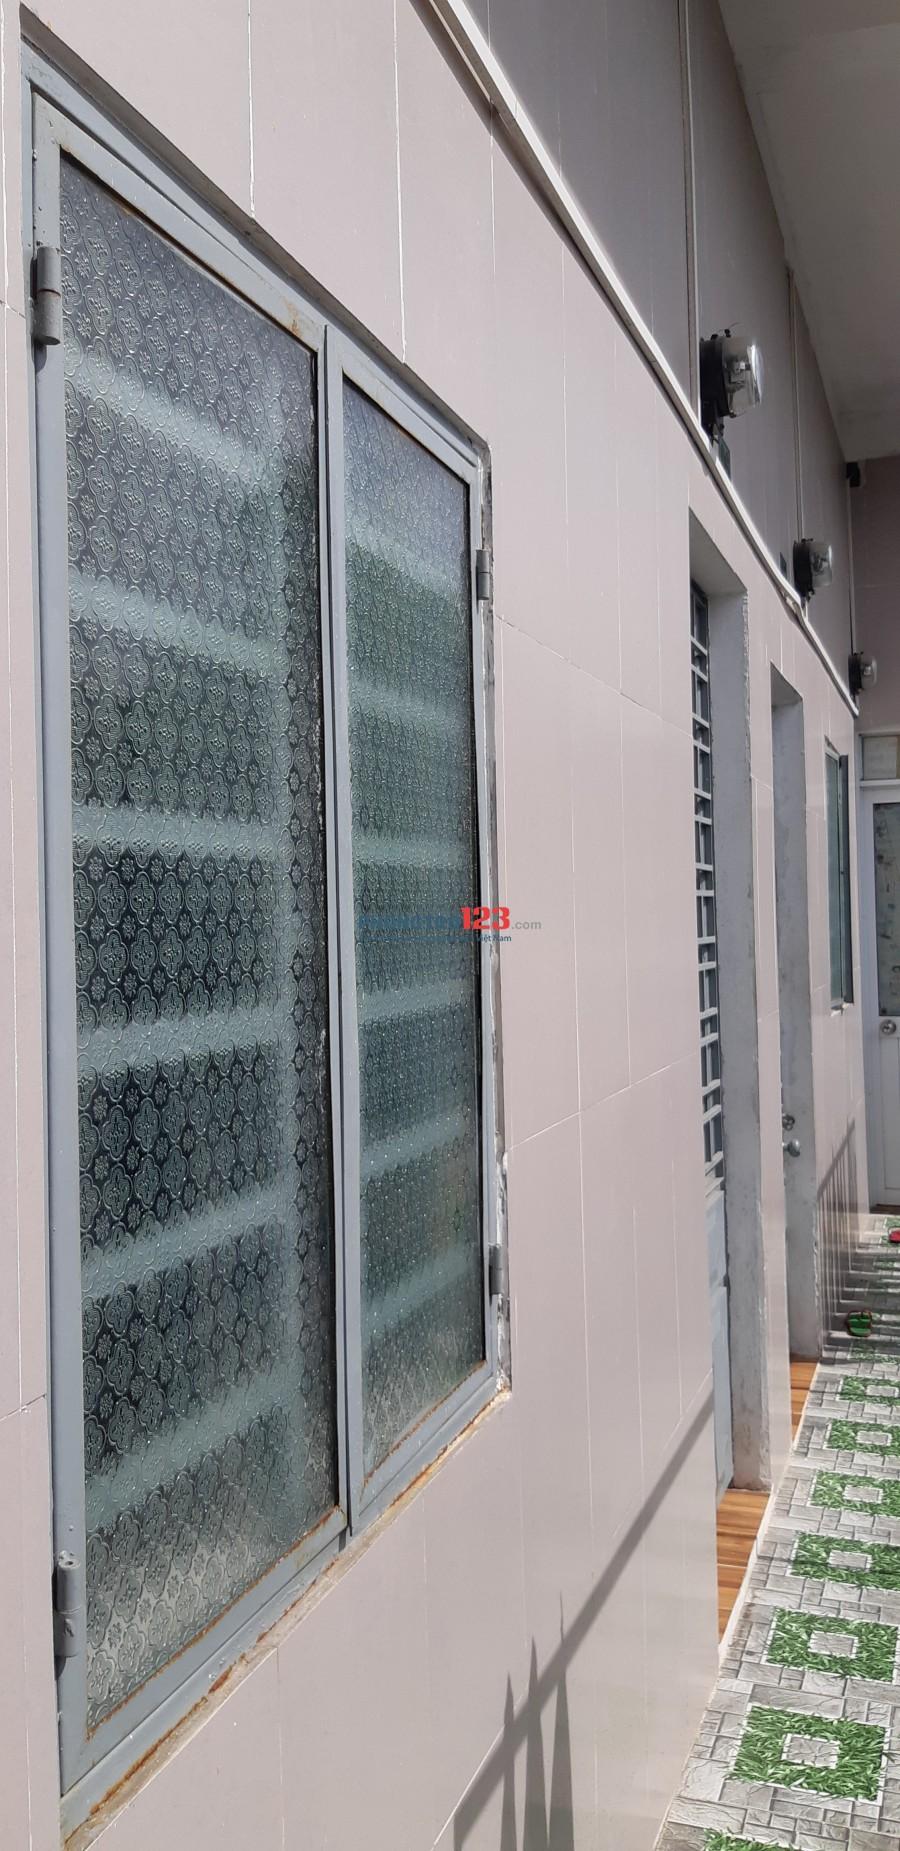 Phòng trọ mới xây quận Cẩm Lệ 20m, gần khu công nghiệp Hòa Cầm, chợ Hòa Cầm 200m